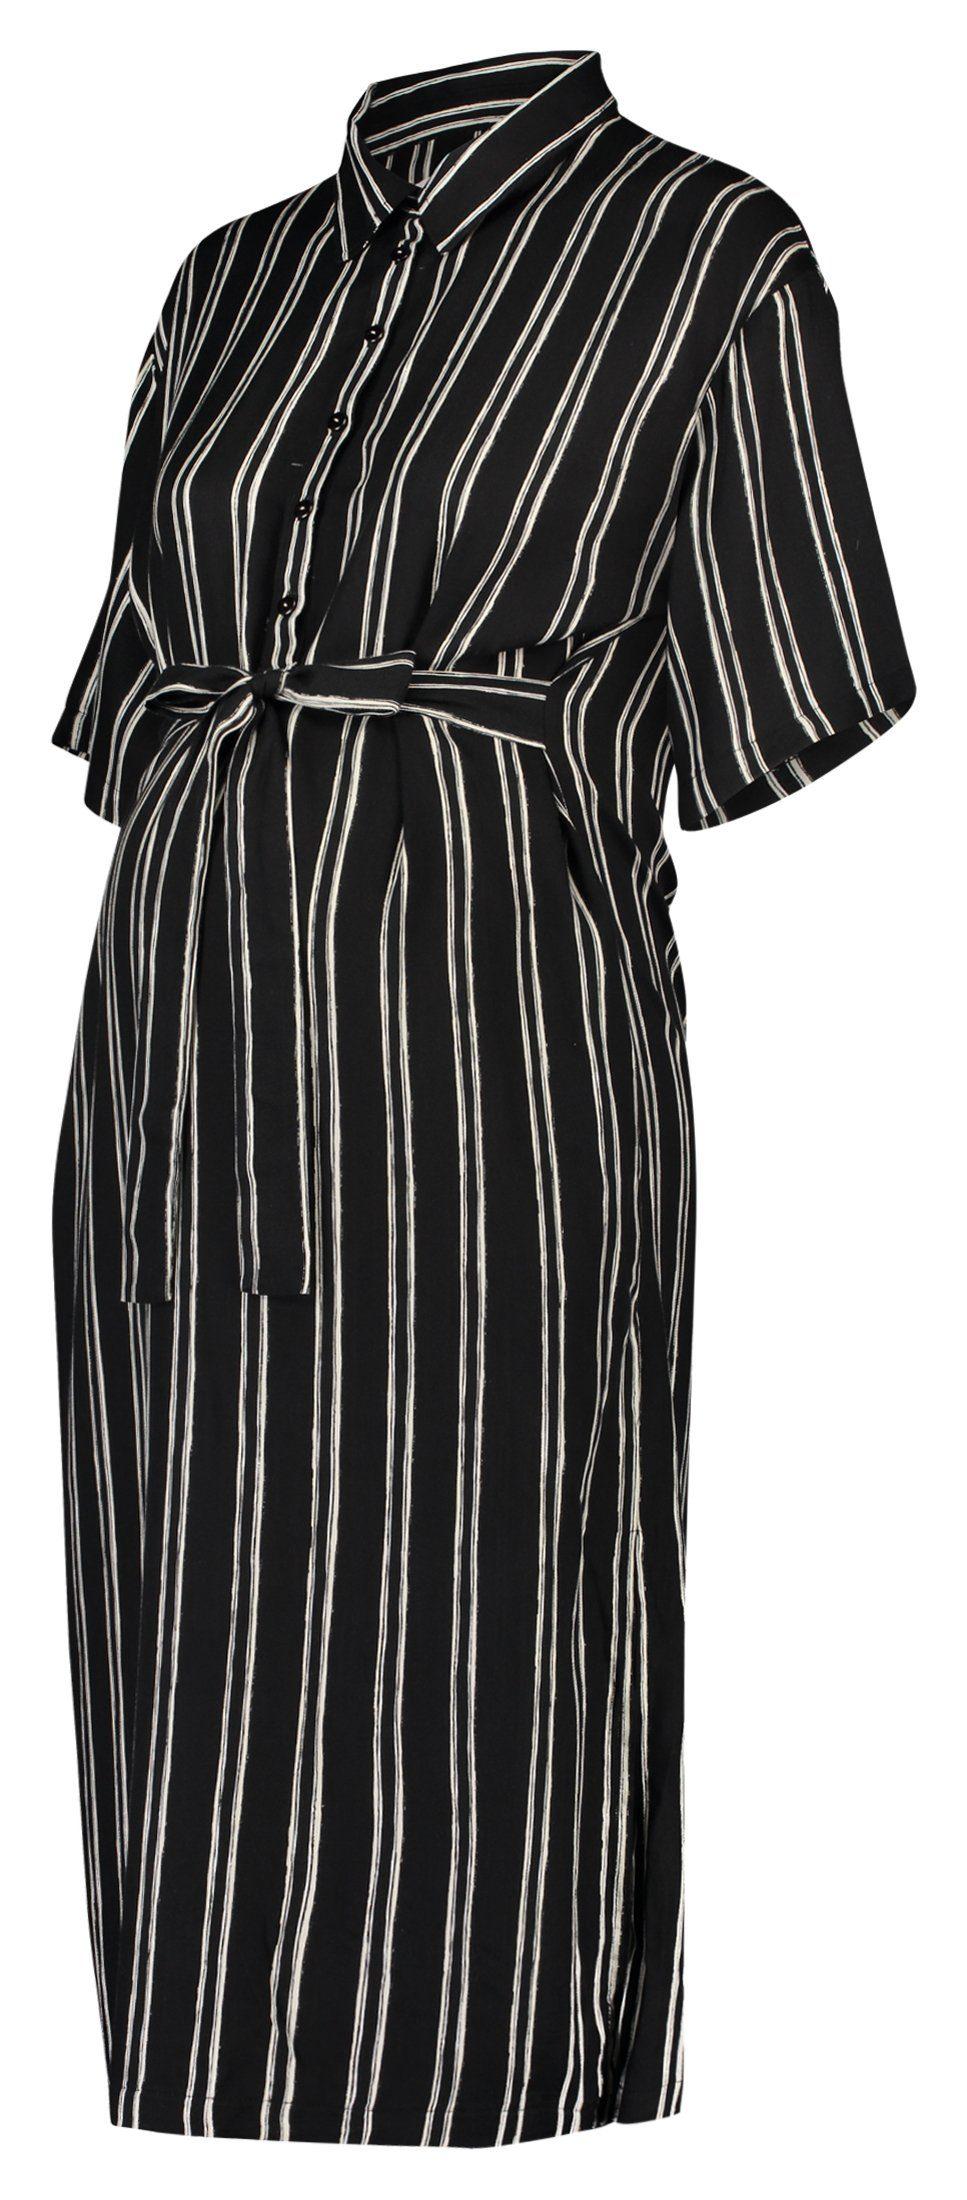 Queen Mum Jurk Dress Woven Nu Online Bestellen - Geweldige Prijs